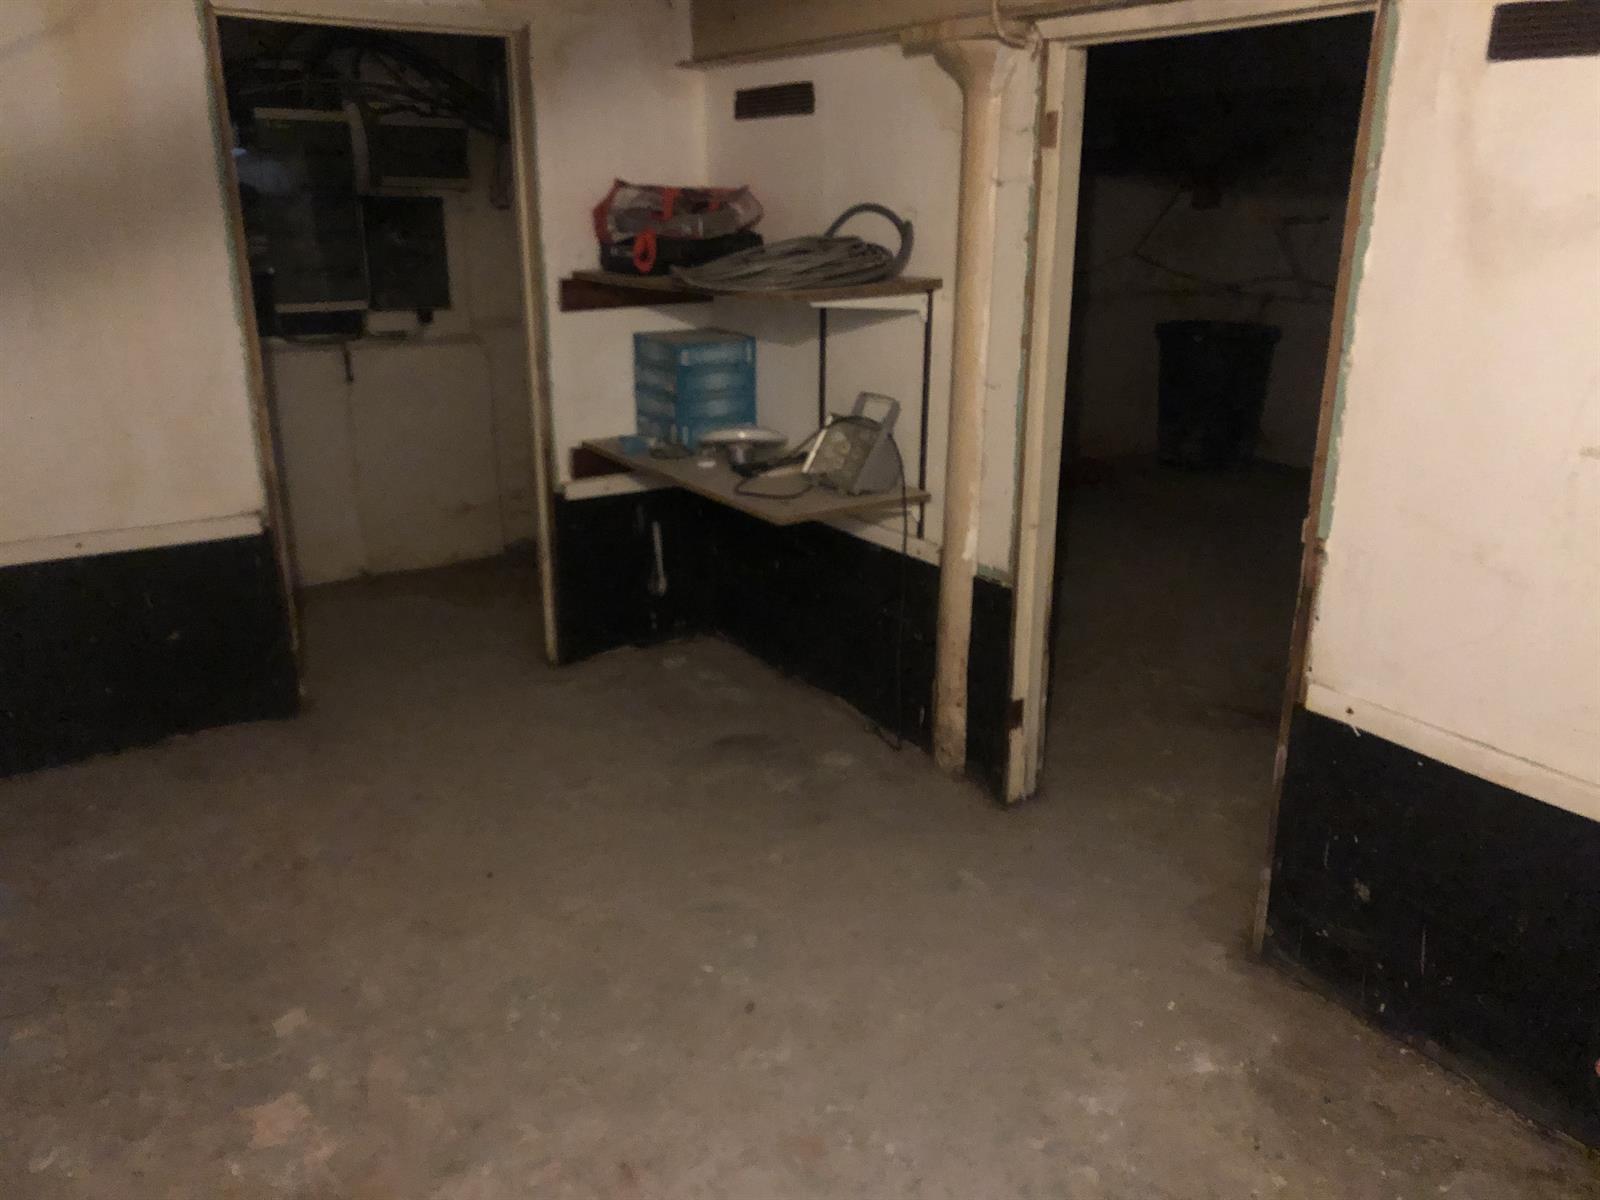 opslagplaats te koop I128 - Opslagplaats - Falconrui 70, 2000 Antwerpen, België 5